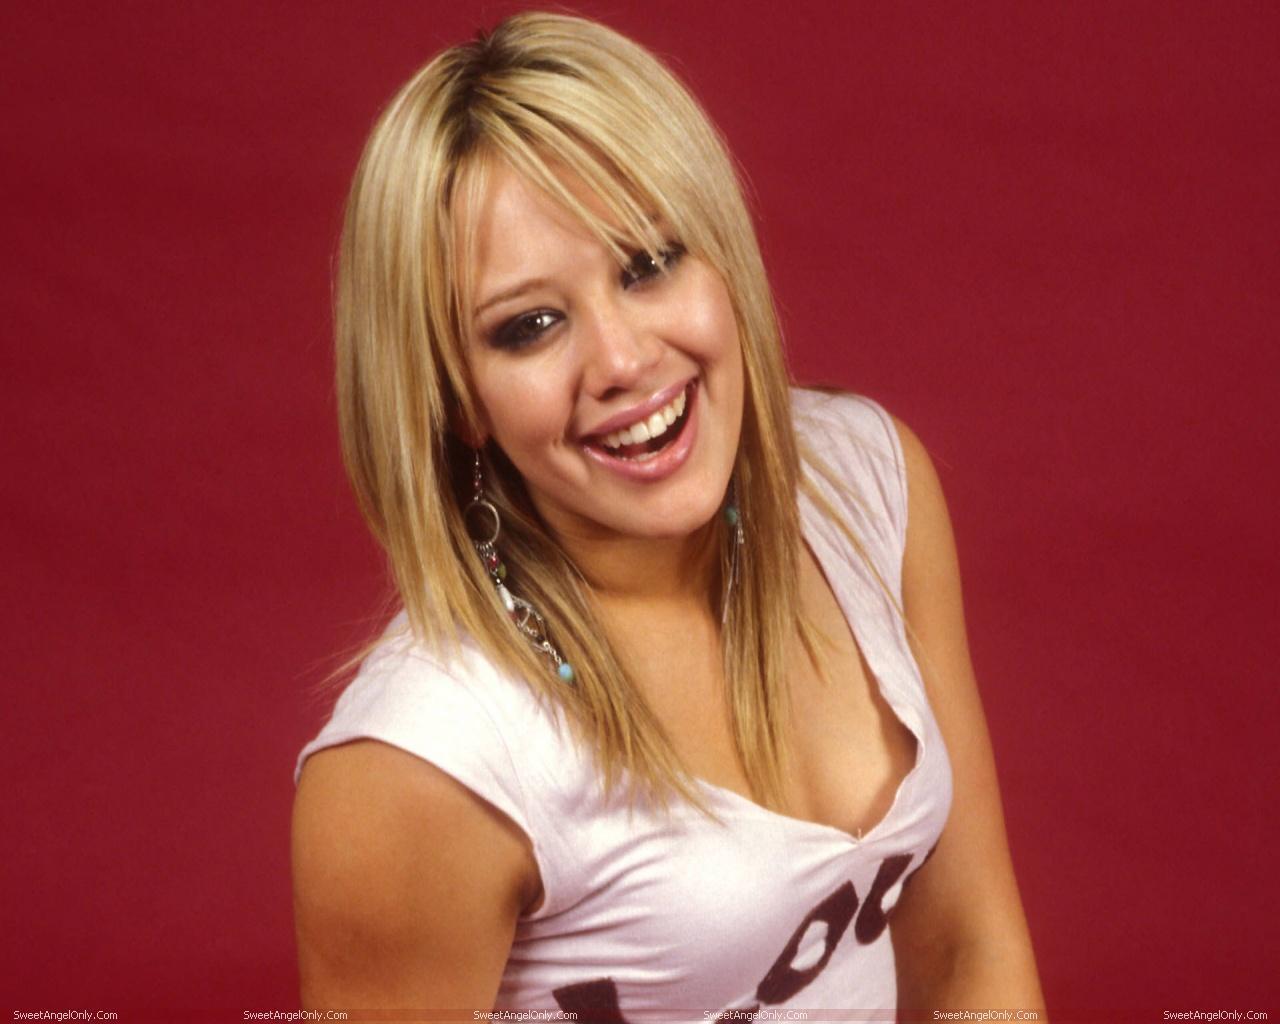 http://2.bp.blogspot.com/-AZB3HyGA1r0/TWUkm_0XT4I/AAAAAAAAEu0/paCqTBs2Bb0/s1600/actress_hilary_duff_hot_wallpapers_03.jpg